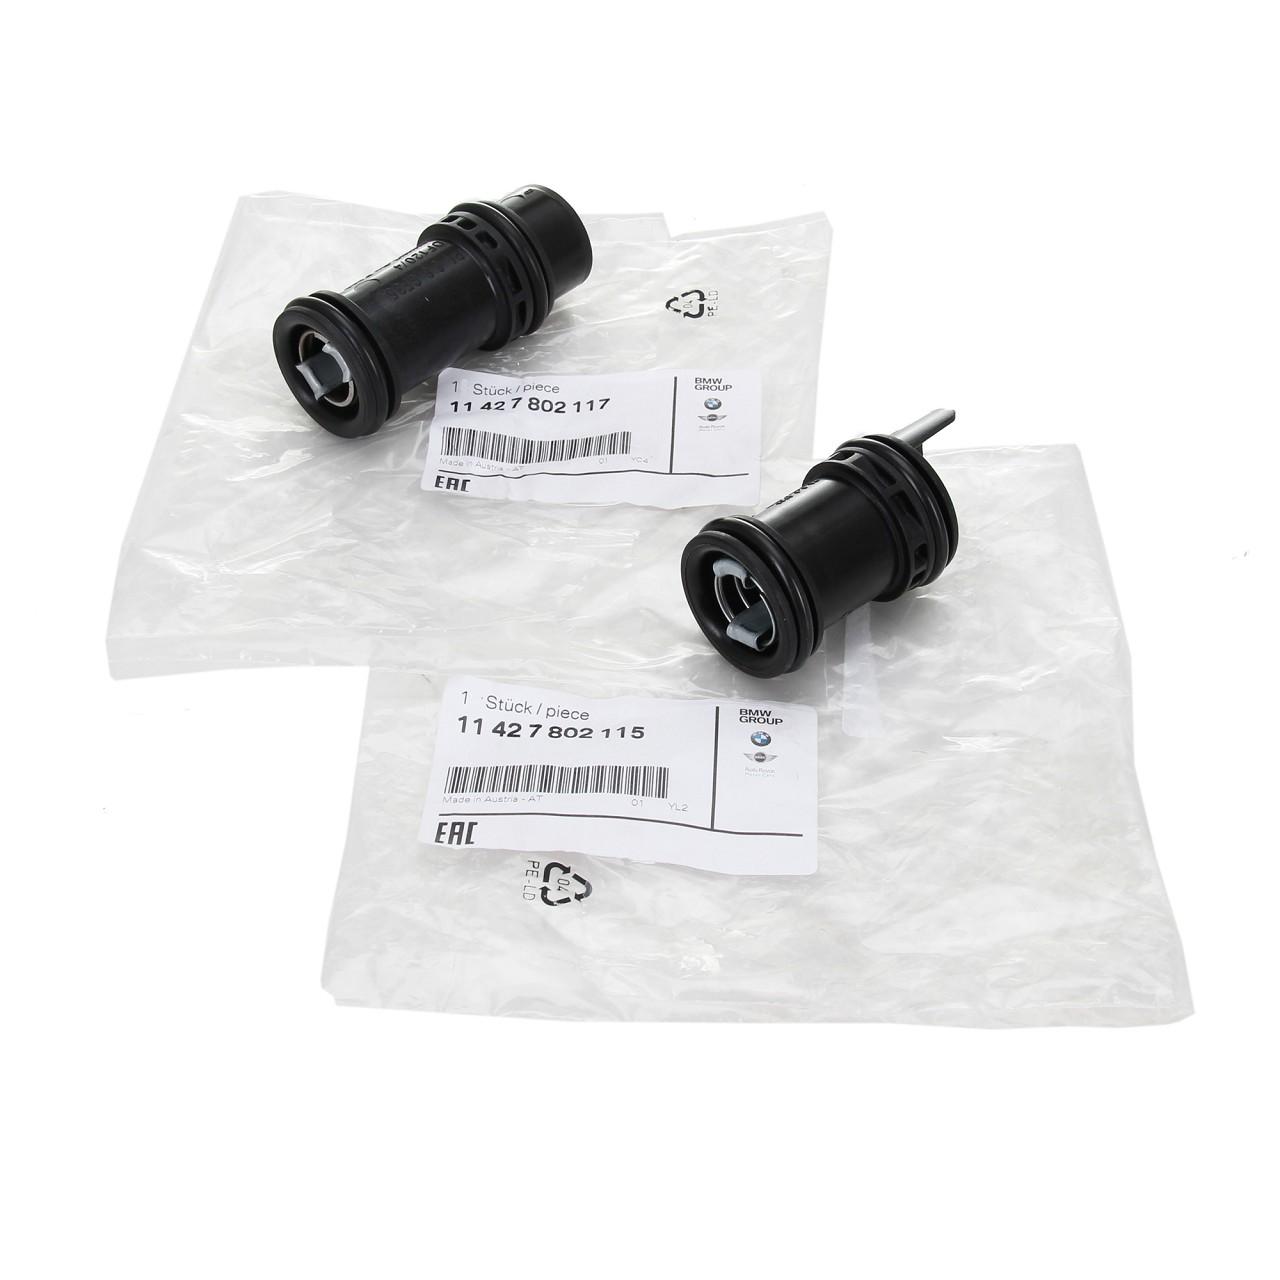 ORIGINAL BMW Rohrstutzen Ölkühler 11427802115 + 11427802117 1er 3er 5er X1 X3 X5